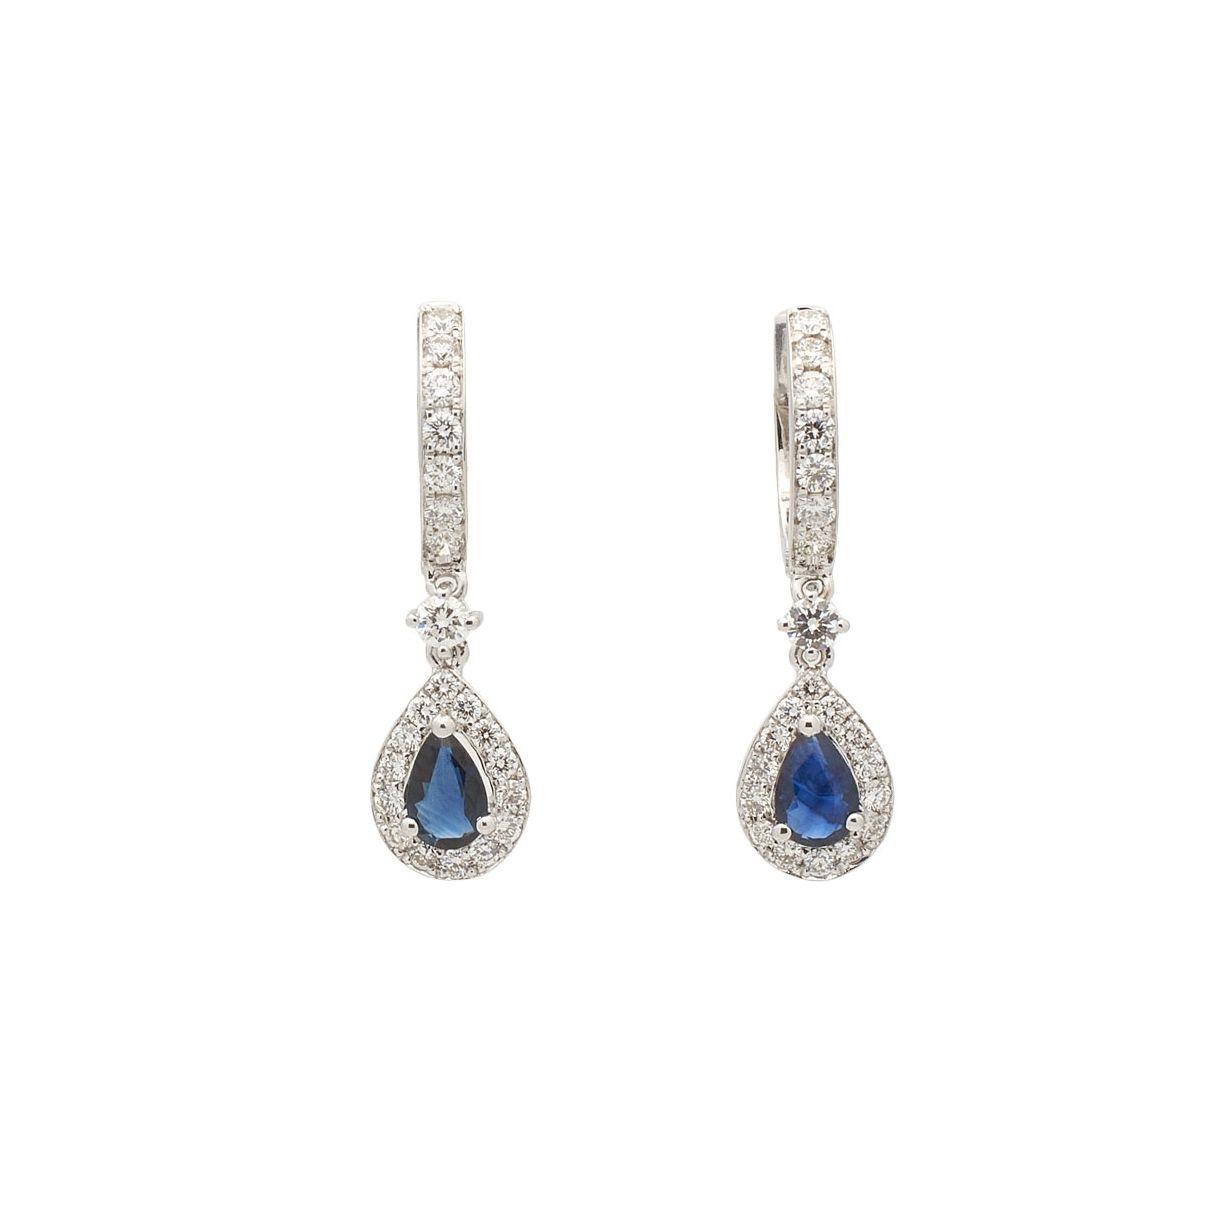 Pendientes de oro blanco con zafiros y diamantes  - 1